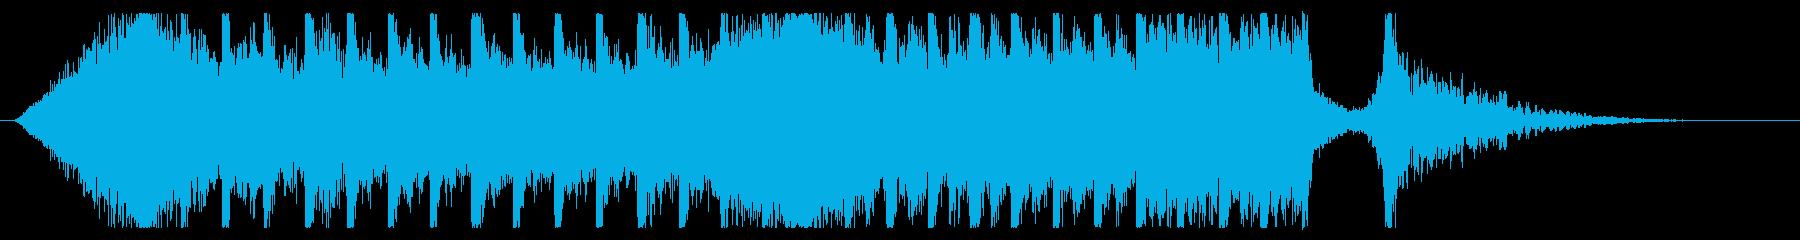 切ないきらきらピアノジングル③ 映画風の再生済みの波形